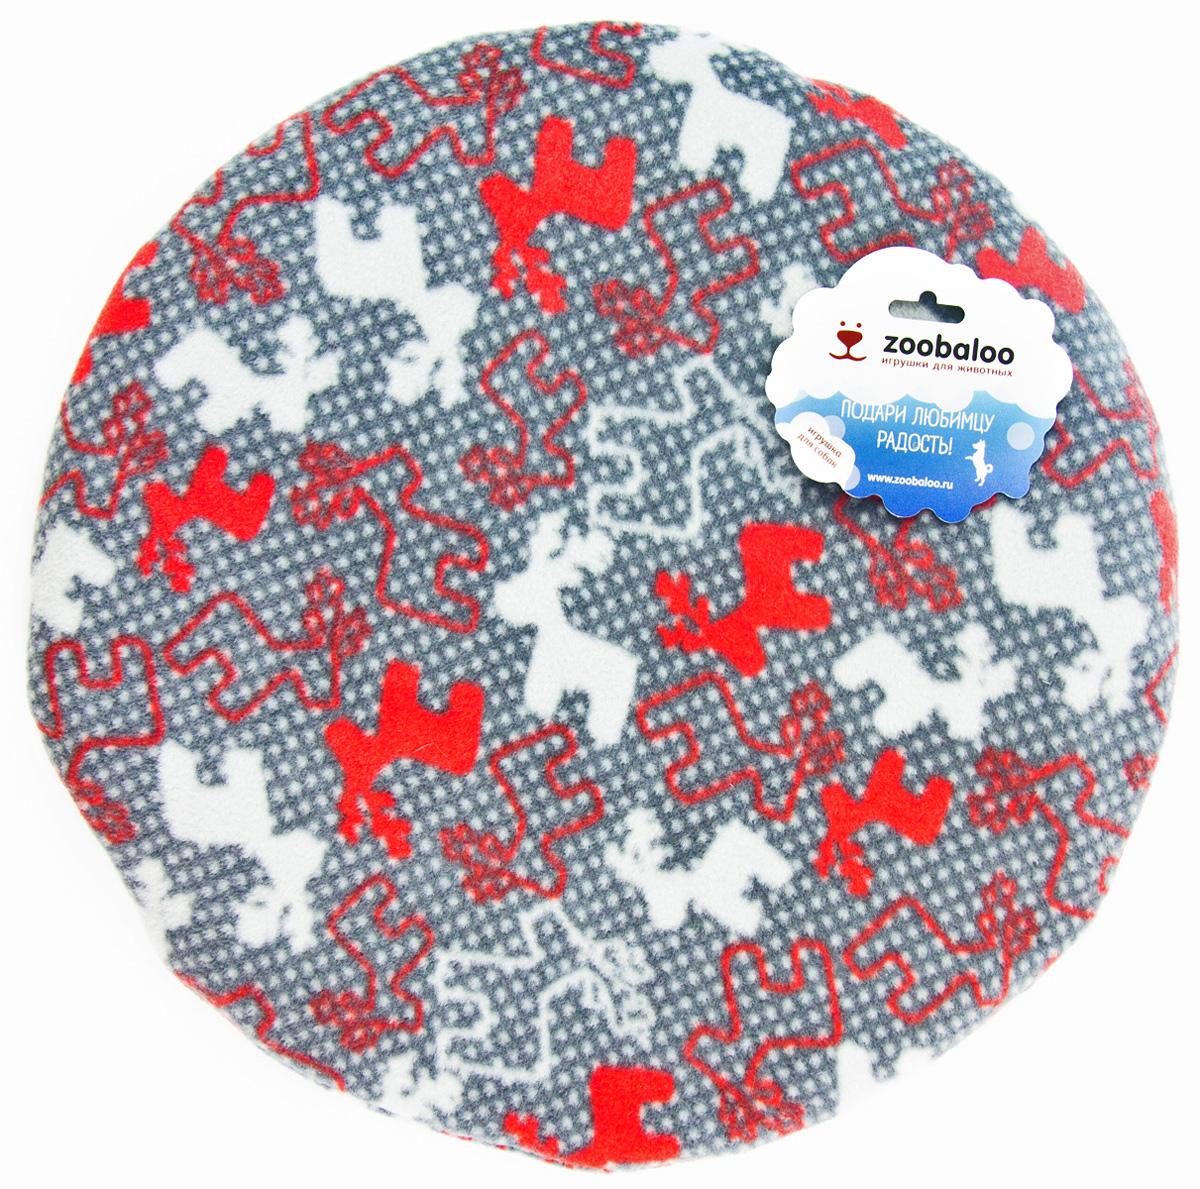 Лежак-коврик для животных Zoobaloo Олени, 40 х 40 см1155Великолепный флисовый лежак-коврик Zoobaloo - это отличный аксессуар для вашего питомца, на котором можно спать, играться и снова, приятно устав, заснуть. Он идеально подходит для полов с любым покрытием. Изделие поддерживает температурный баланс вашего питомца в любое время года. Наполнитель выполнен из синтепона.